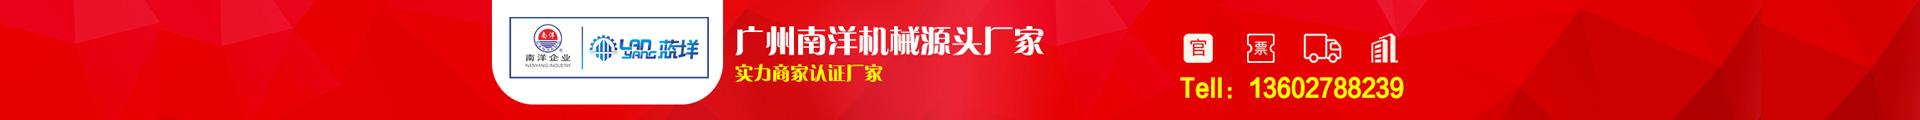 广州市蓝垟机械设备有限公司